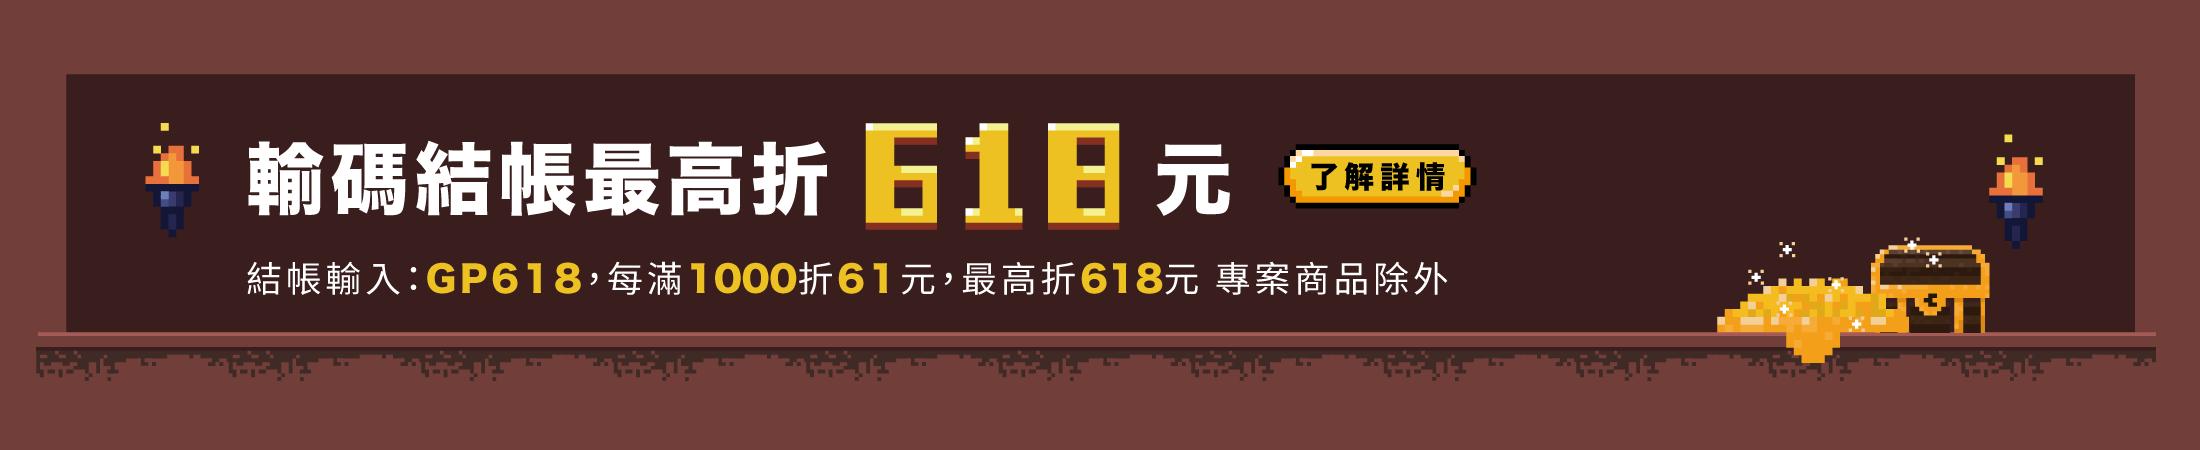 年中慶最高折618元